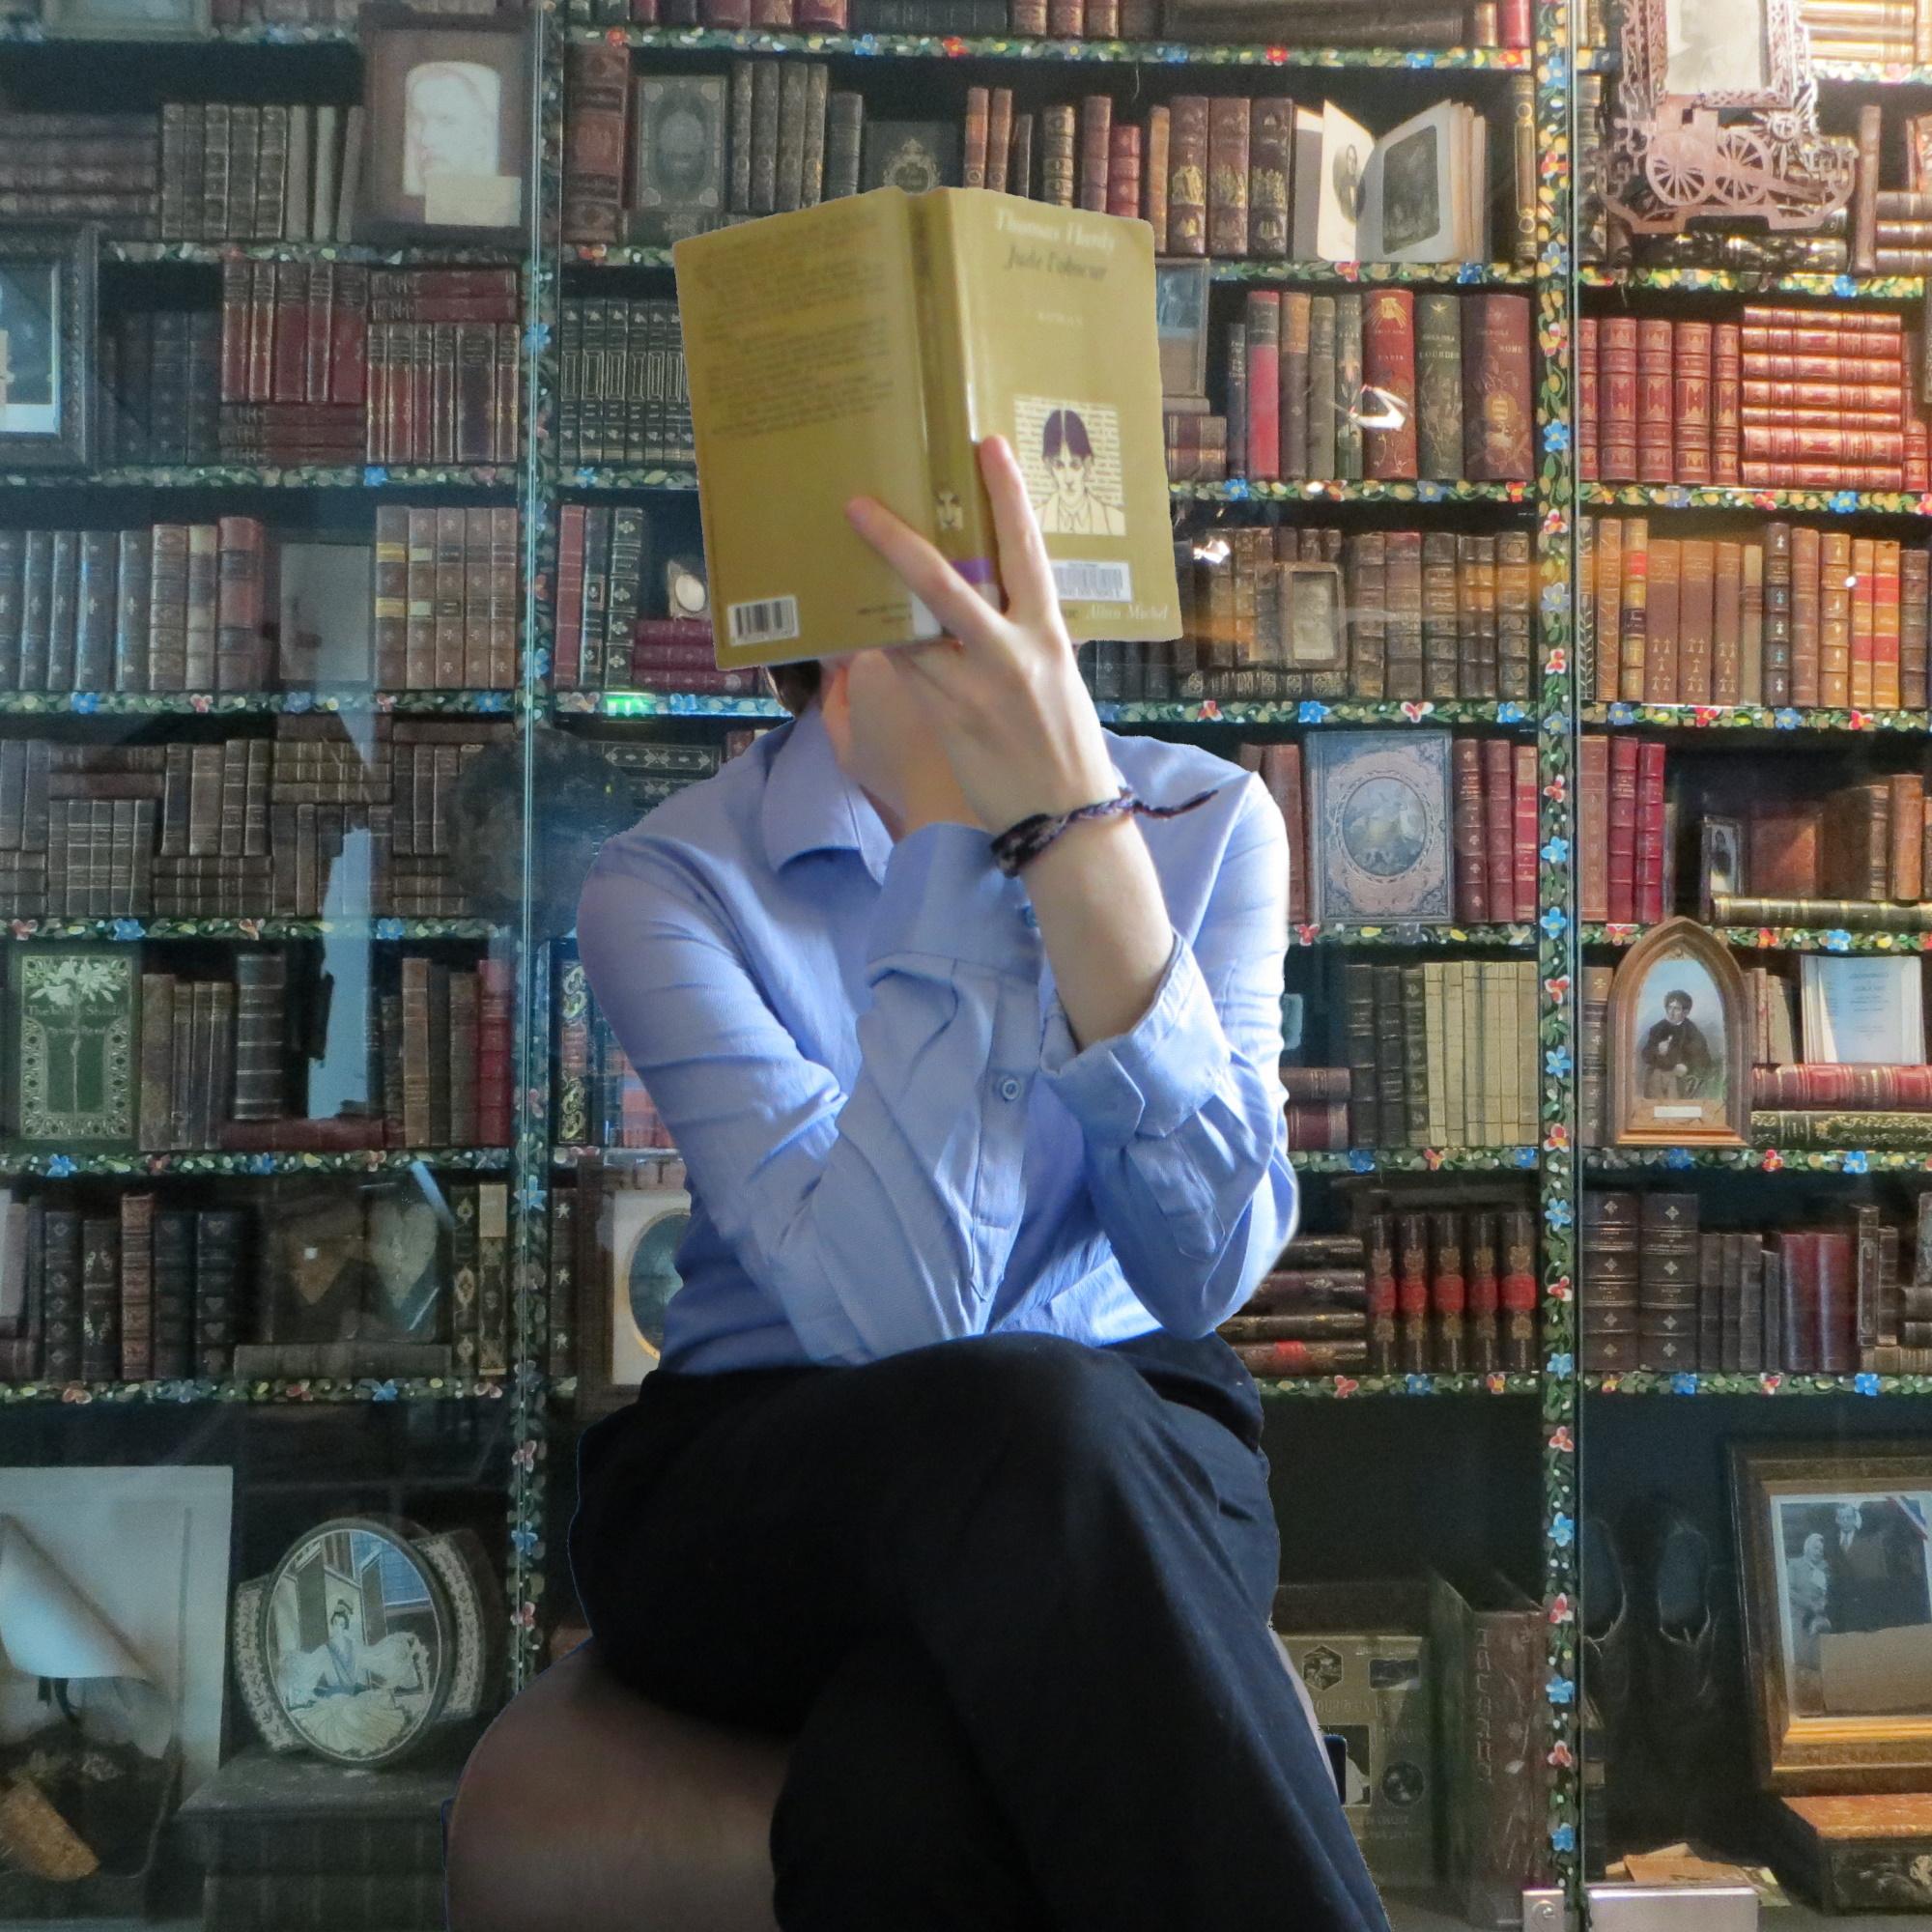 personne en chemise lisant Jude l'Obscur de Thomas Hardy devant une vieille bibliothèque pleine de grimoires